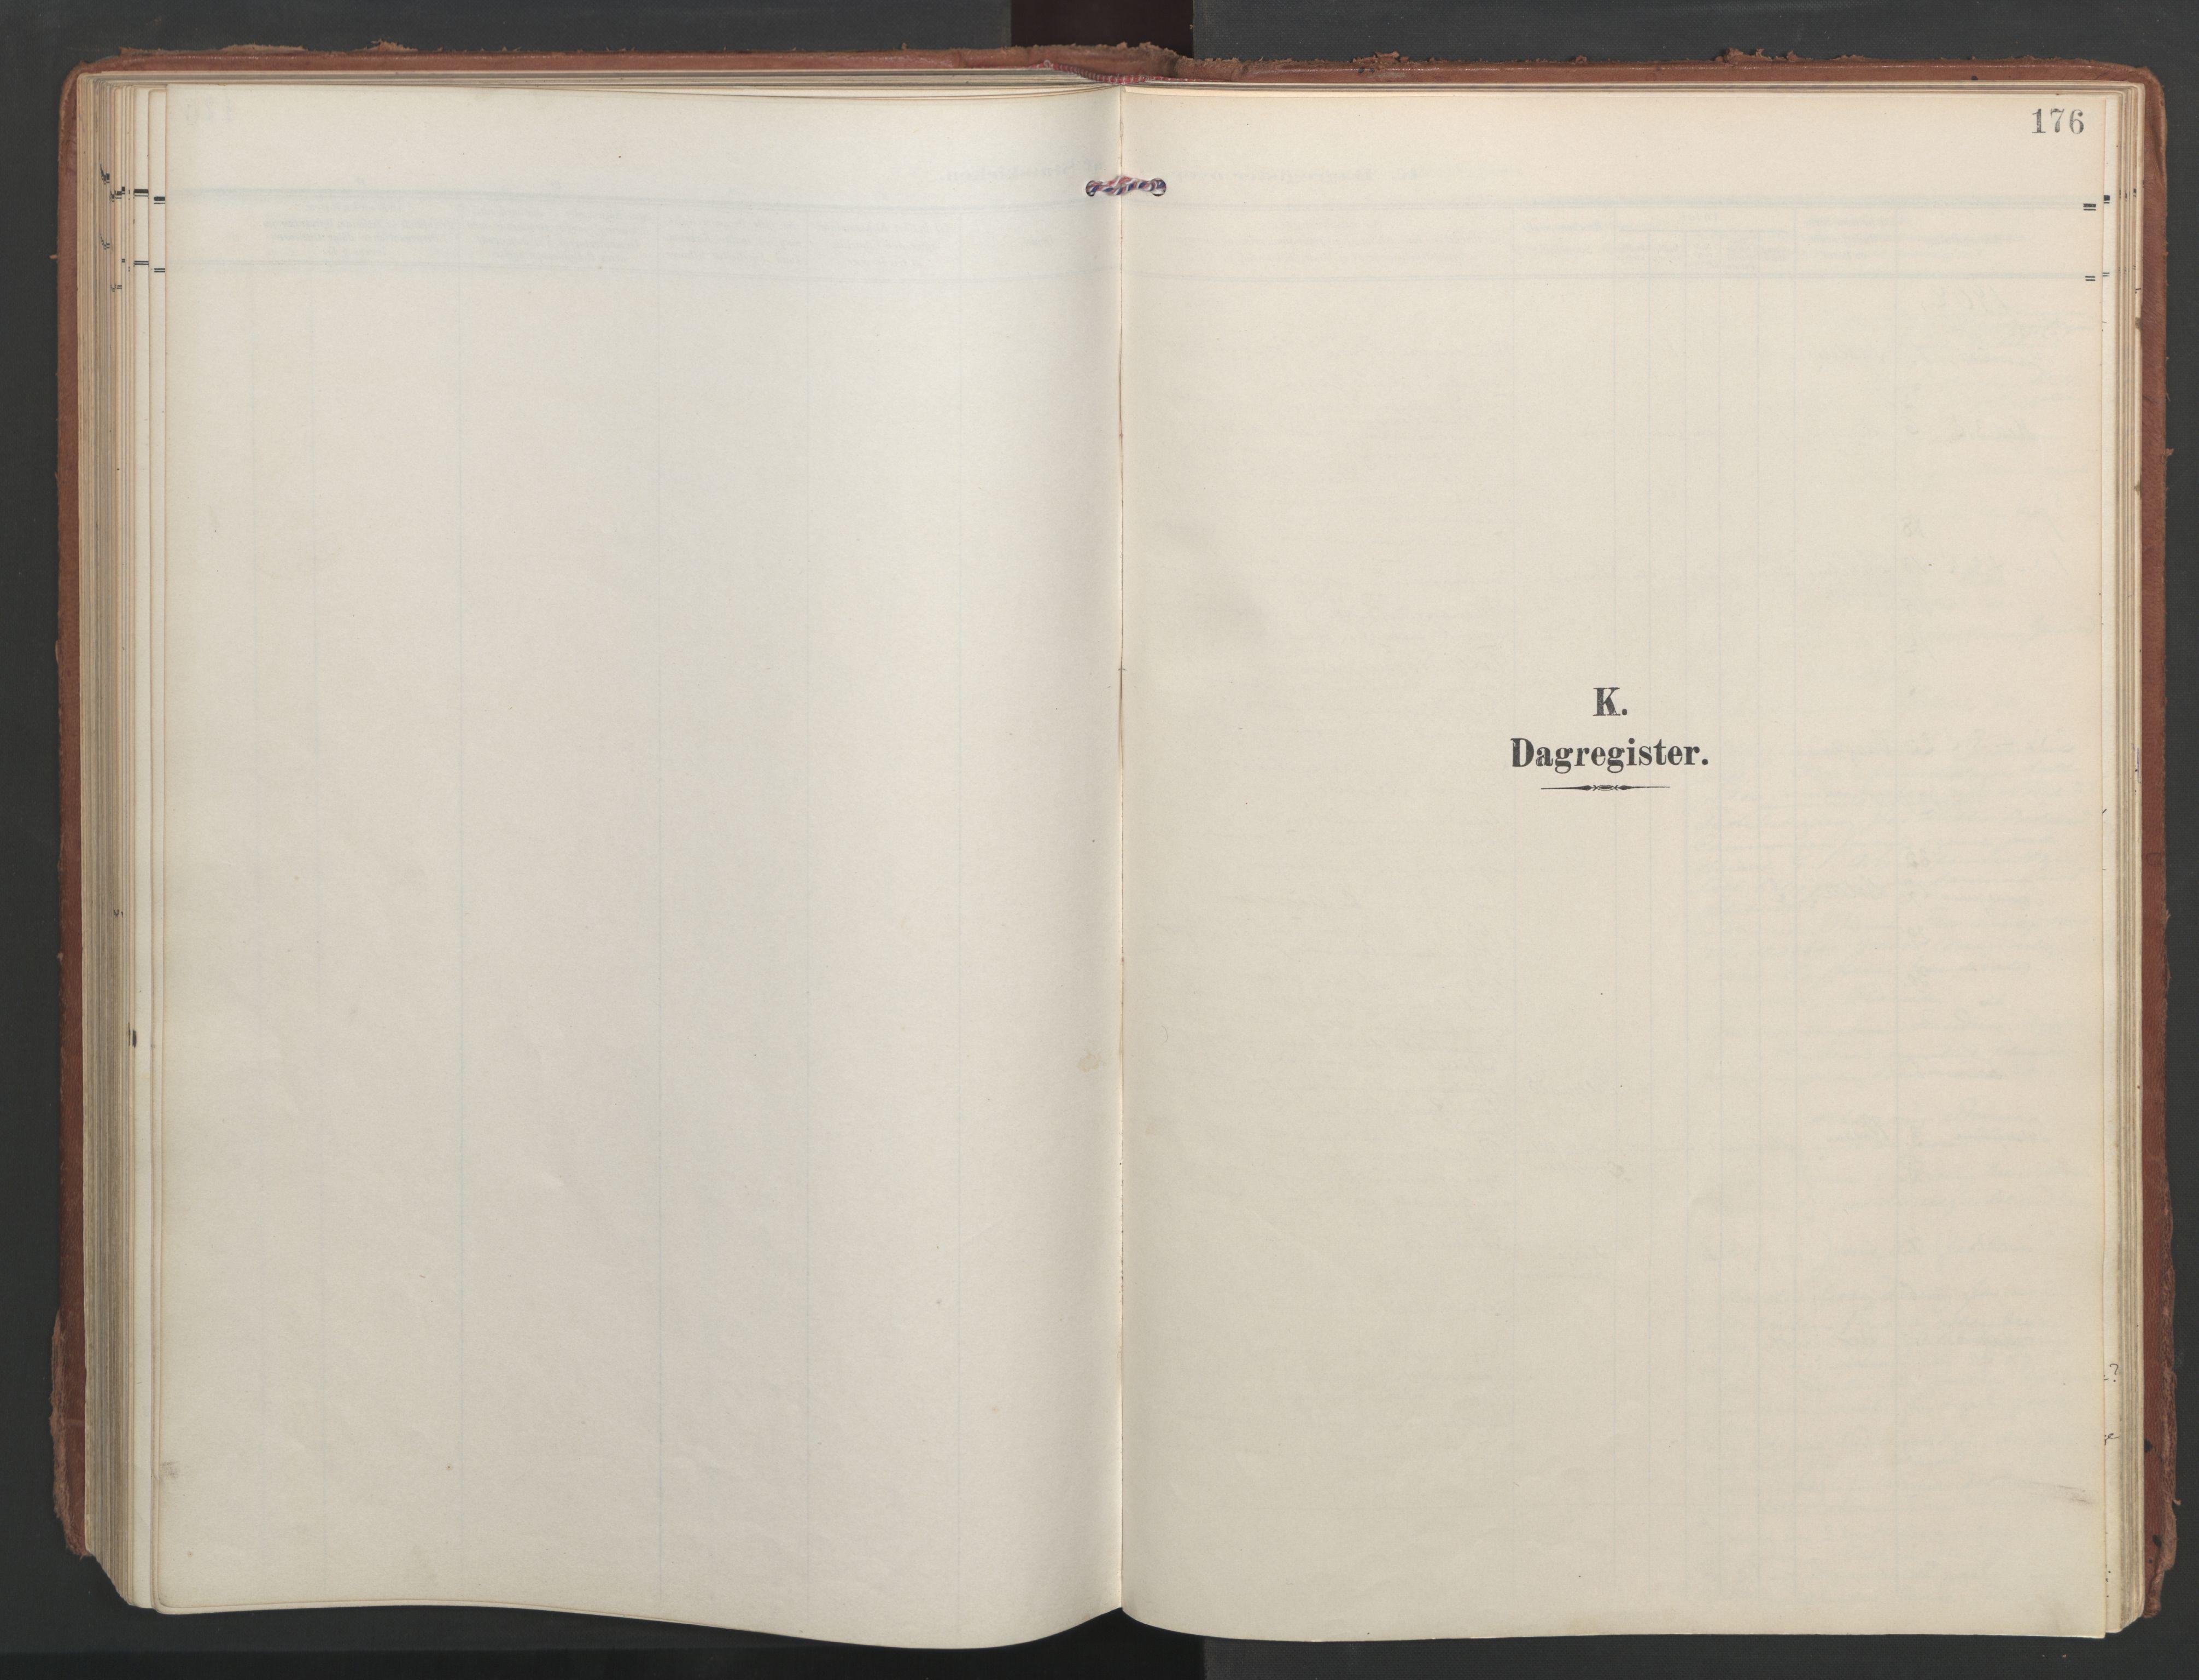 SAT, Ministerialprotokoller, klokkerbøker og fødselsregistre - Møre og Romsdal, 547/L0605: Ministerialbok nr. 547A07, 1907-1936, s. 176